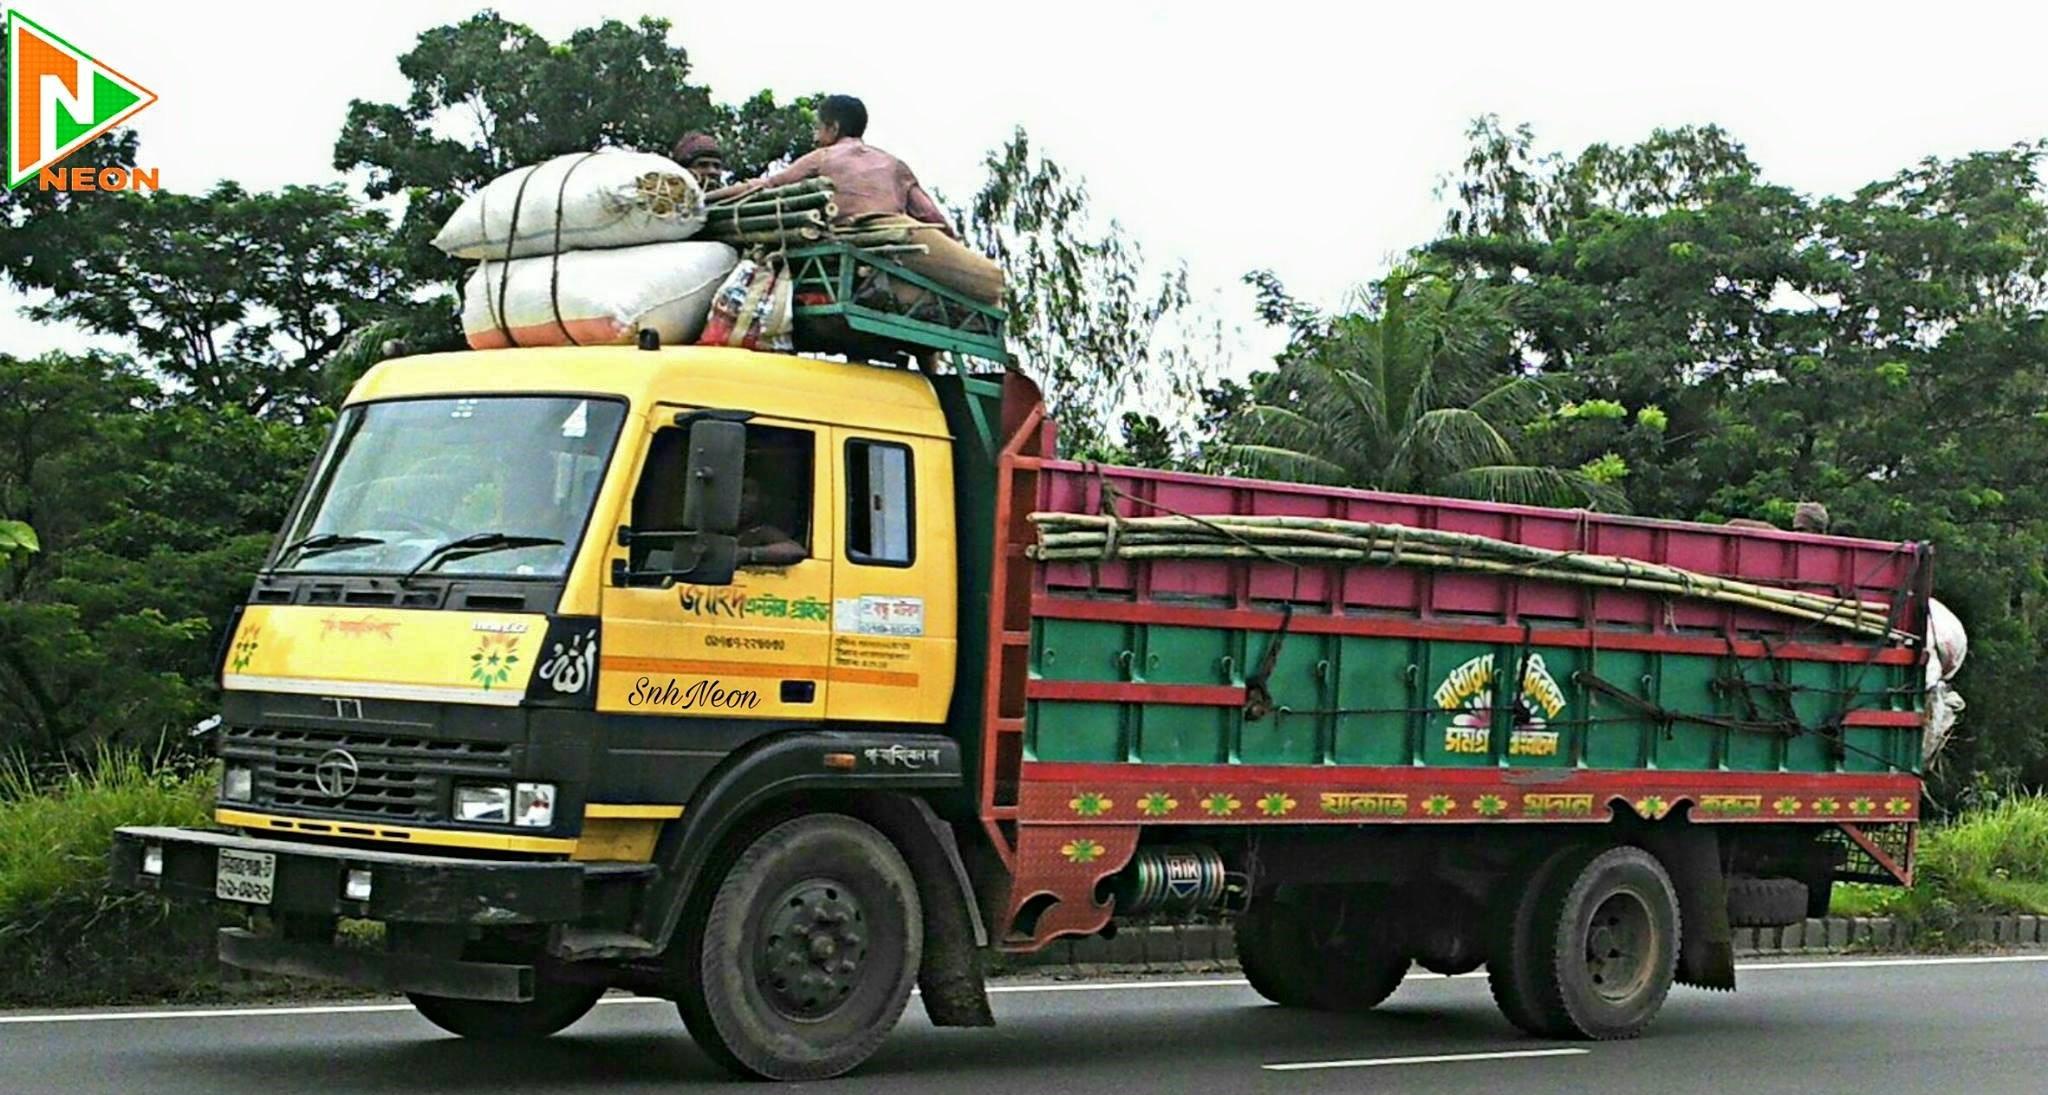 Tata-1109-Mirsarai-Chittagong-Sirajganj-